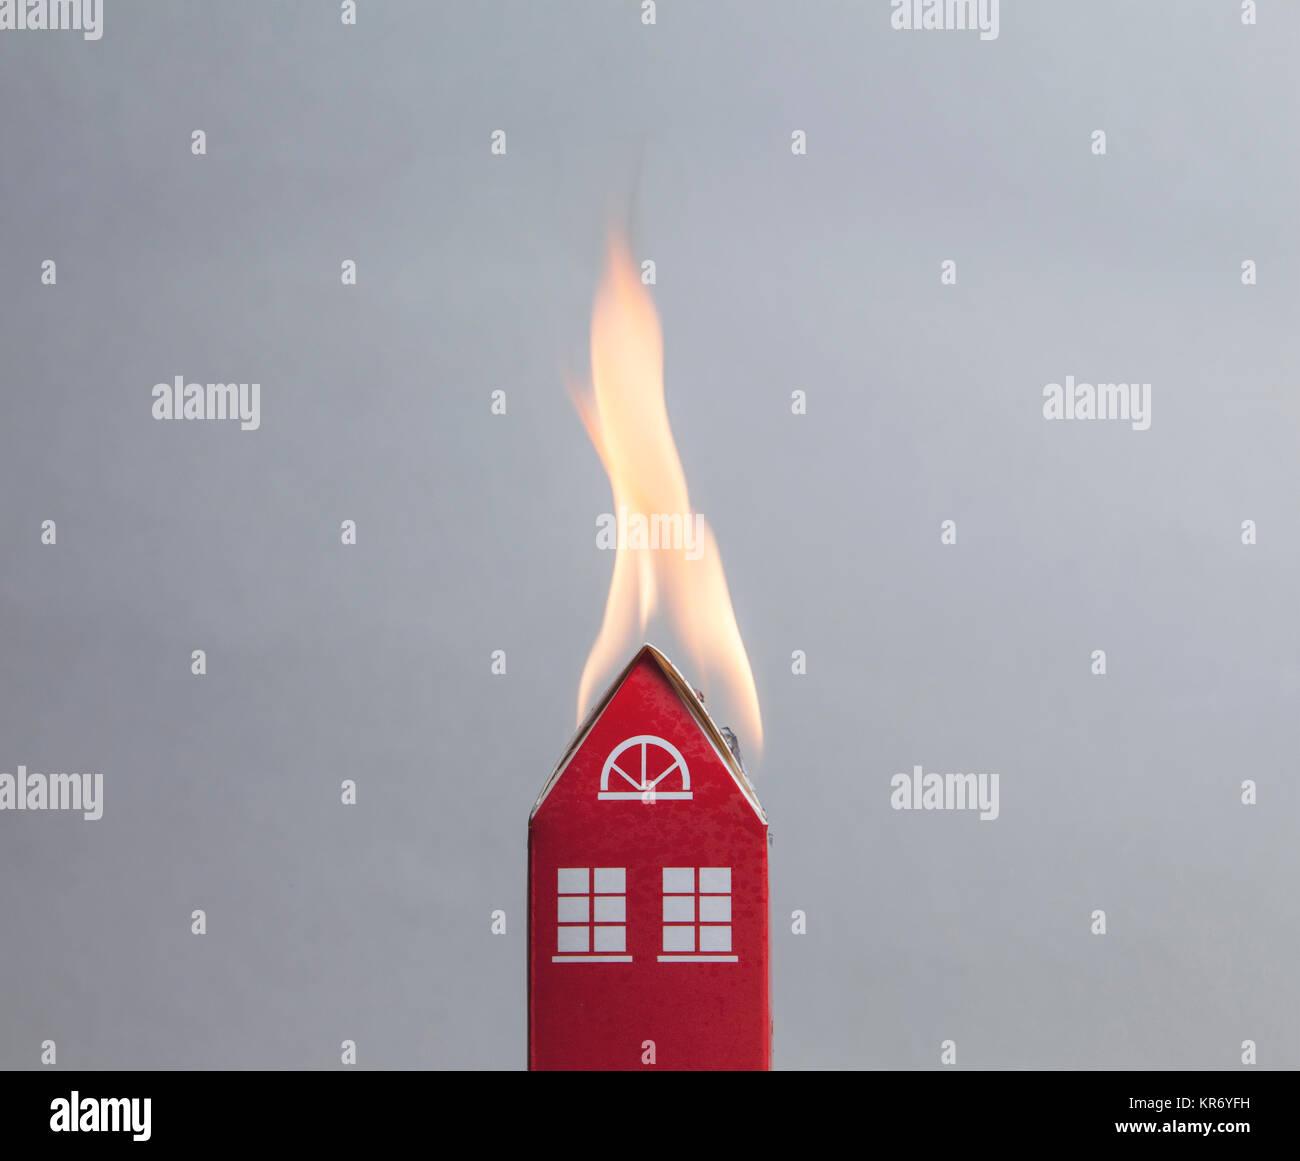 Incendie à votre concept. Maison de jouets avec des flammes Photo Stock